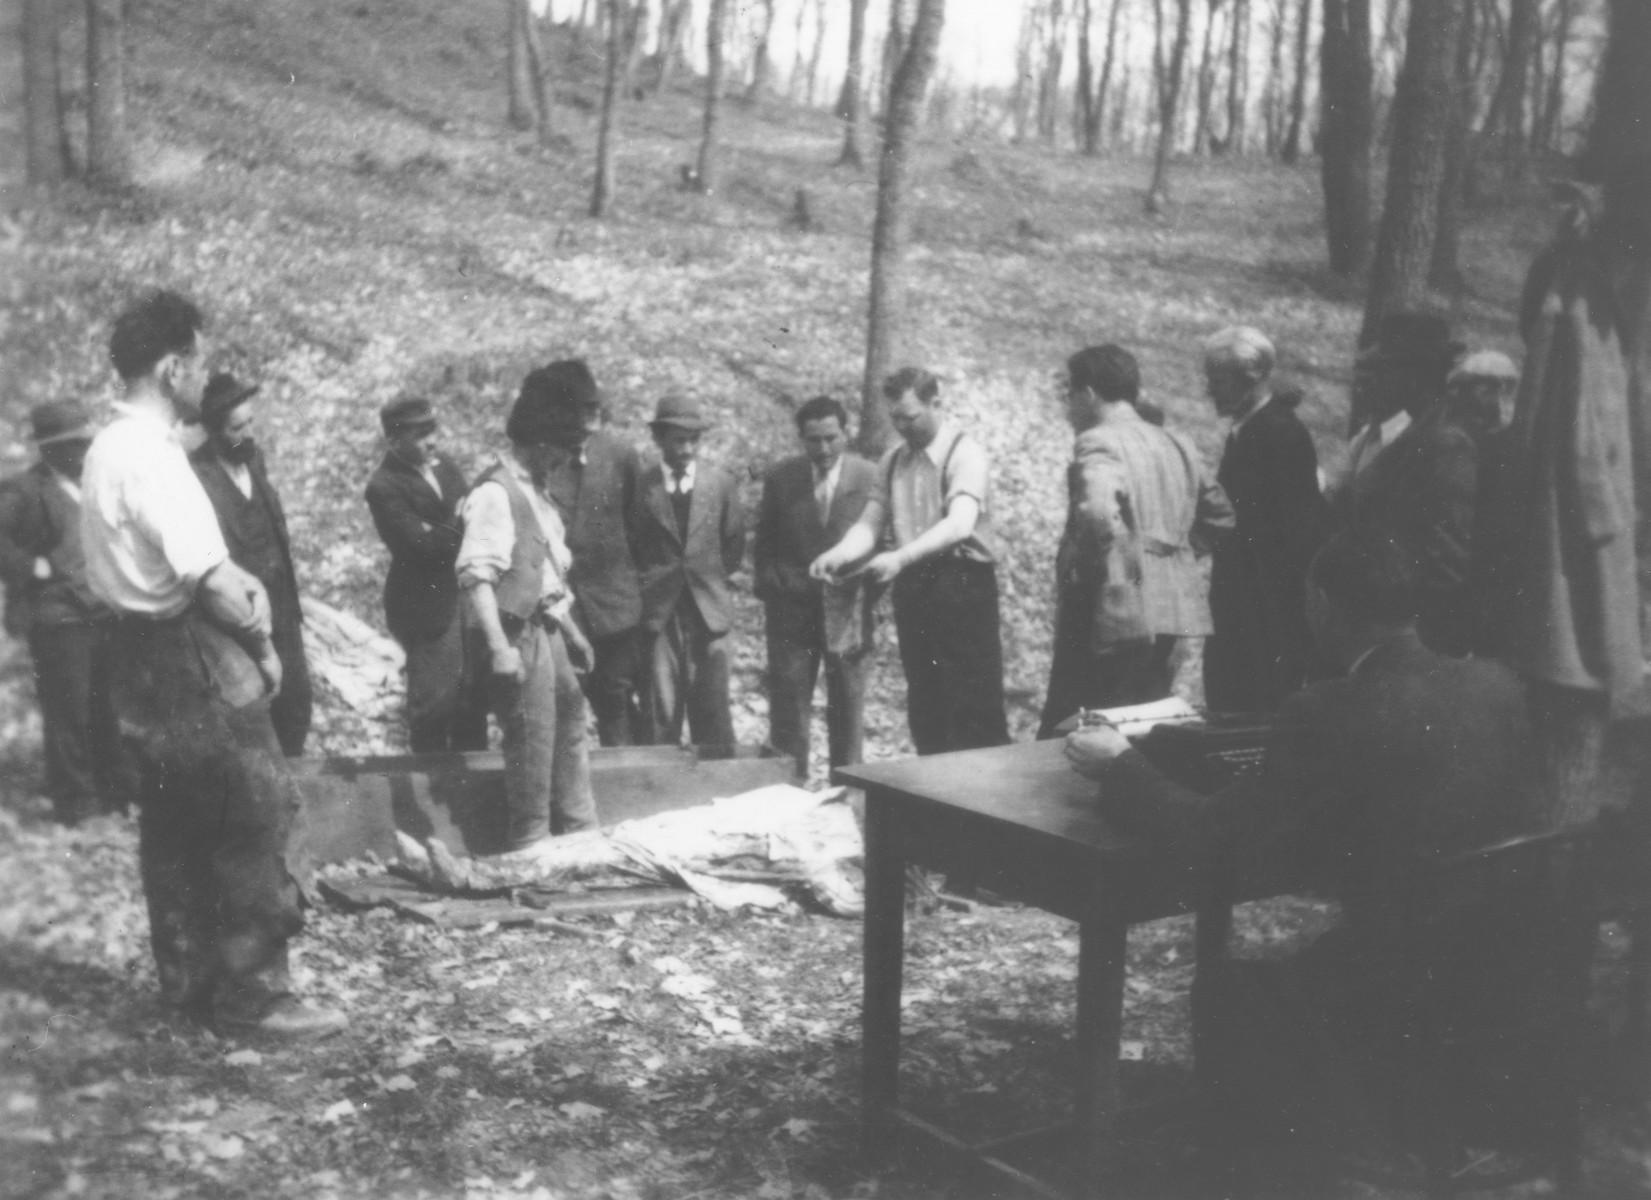 Romanian workmen examine the body of a Jew killed in the ghetto in Dej.